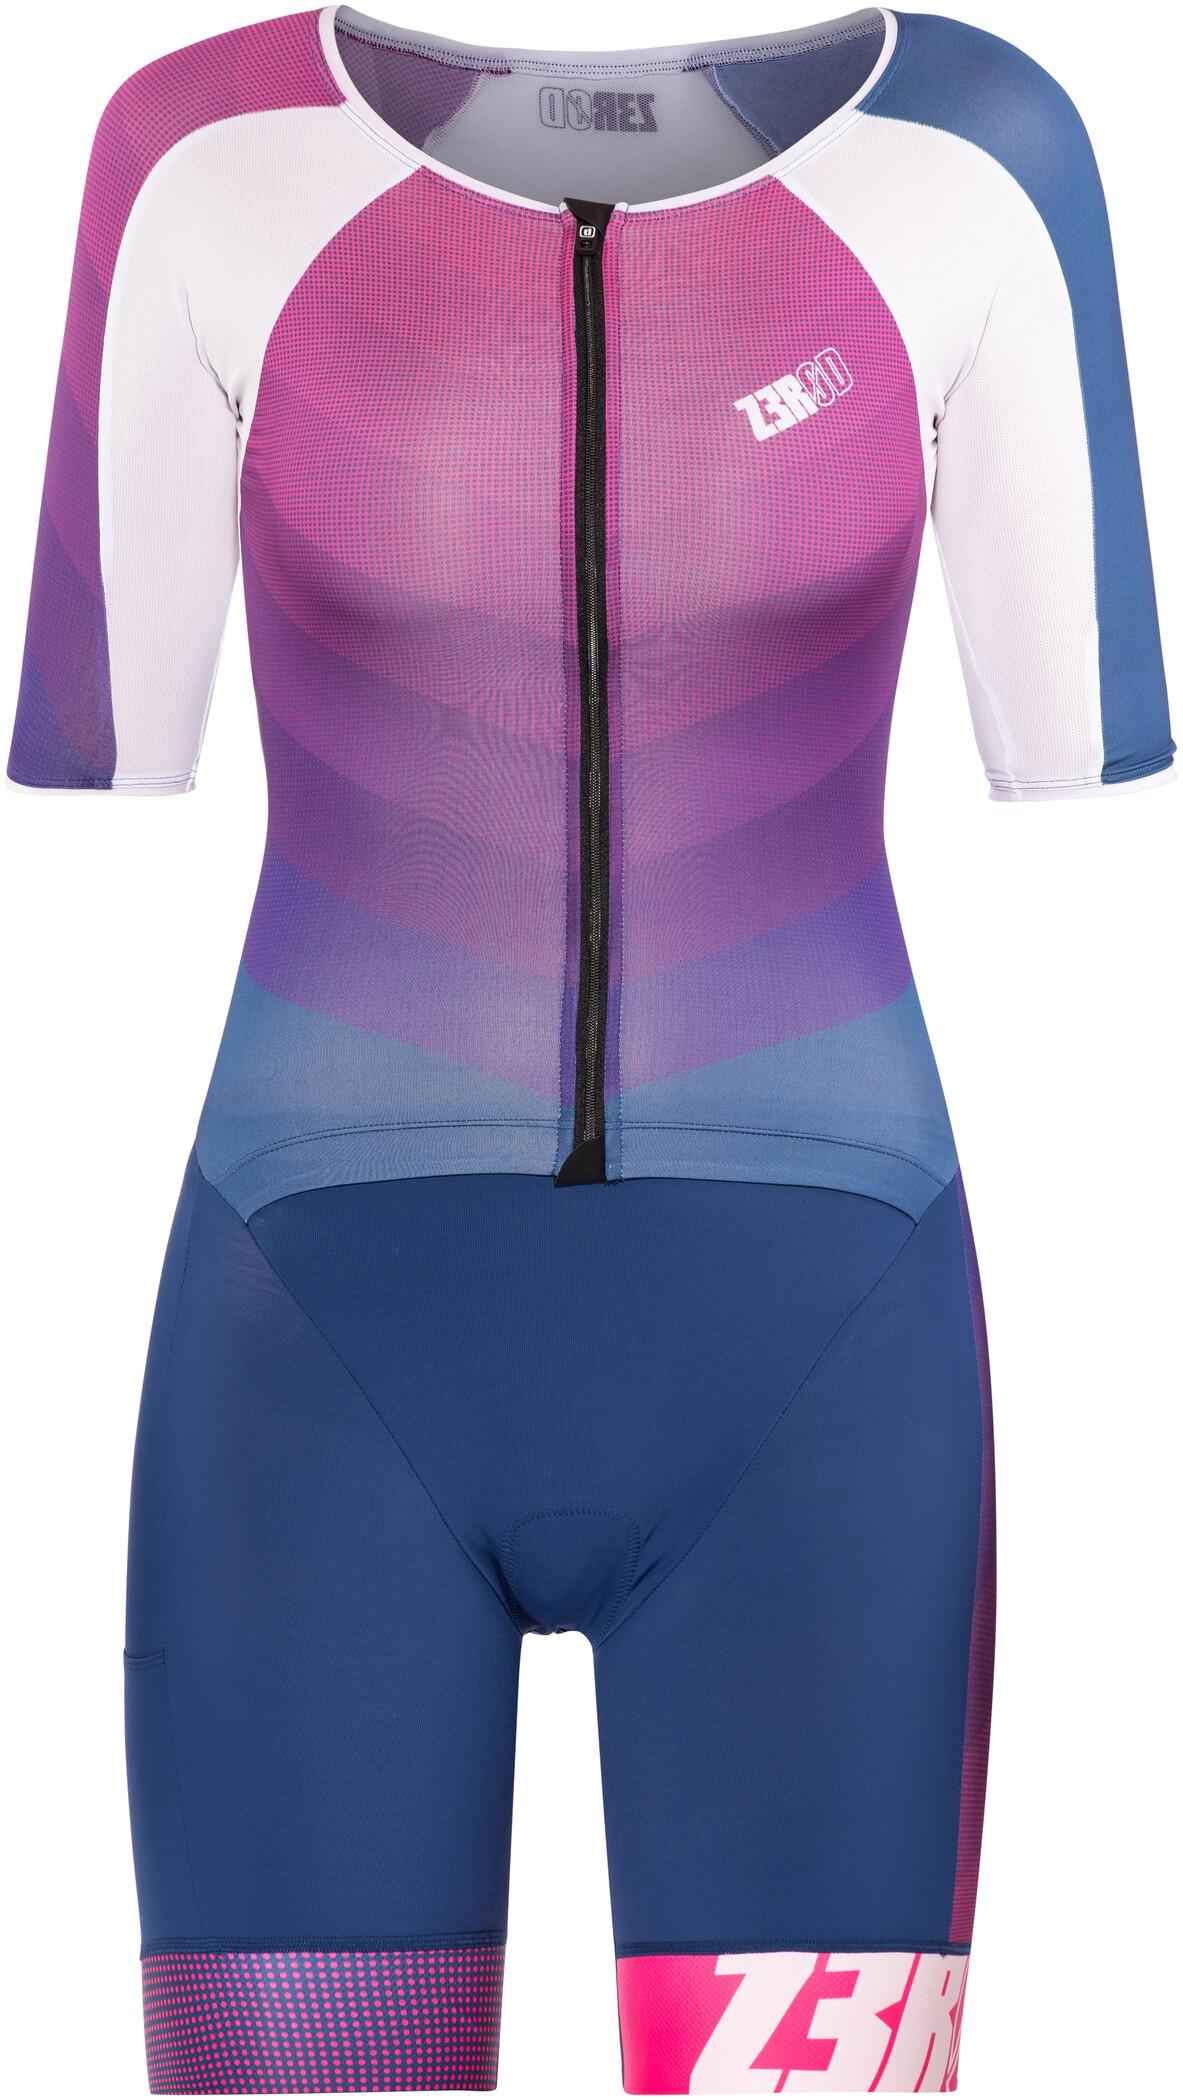 Z3R0D Racer Time Trial Triatlondragt Damer, dark blue/pink | Svømmetøj og udstyr